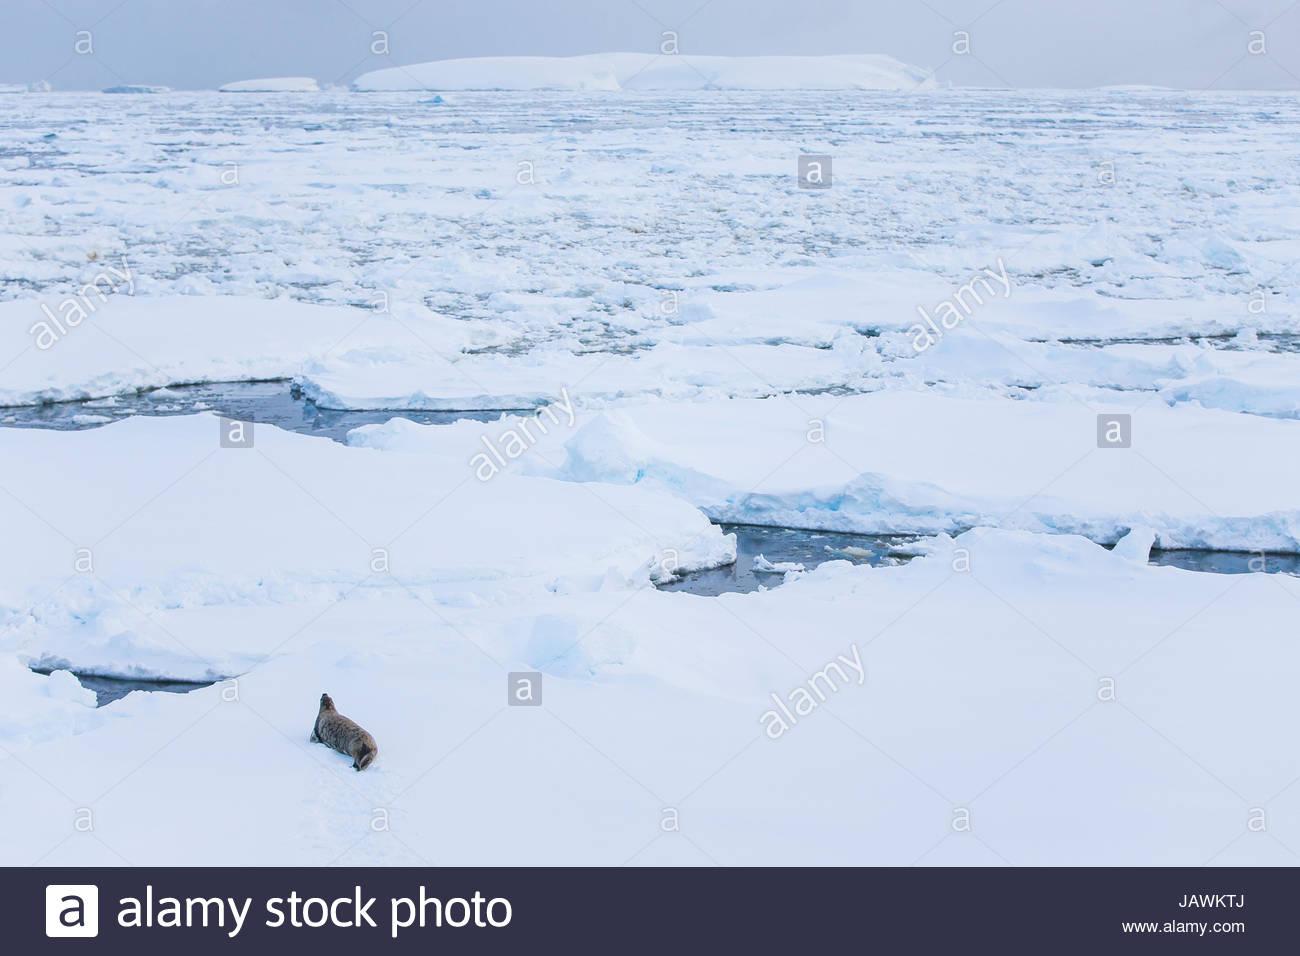 Leopard seal sur le dessus de la glace de mer dans l'Antarctique. Photo Stock